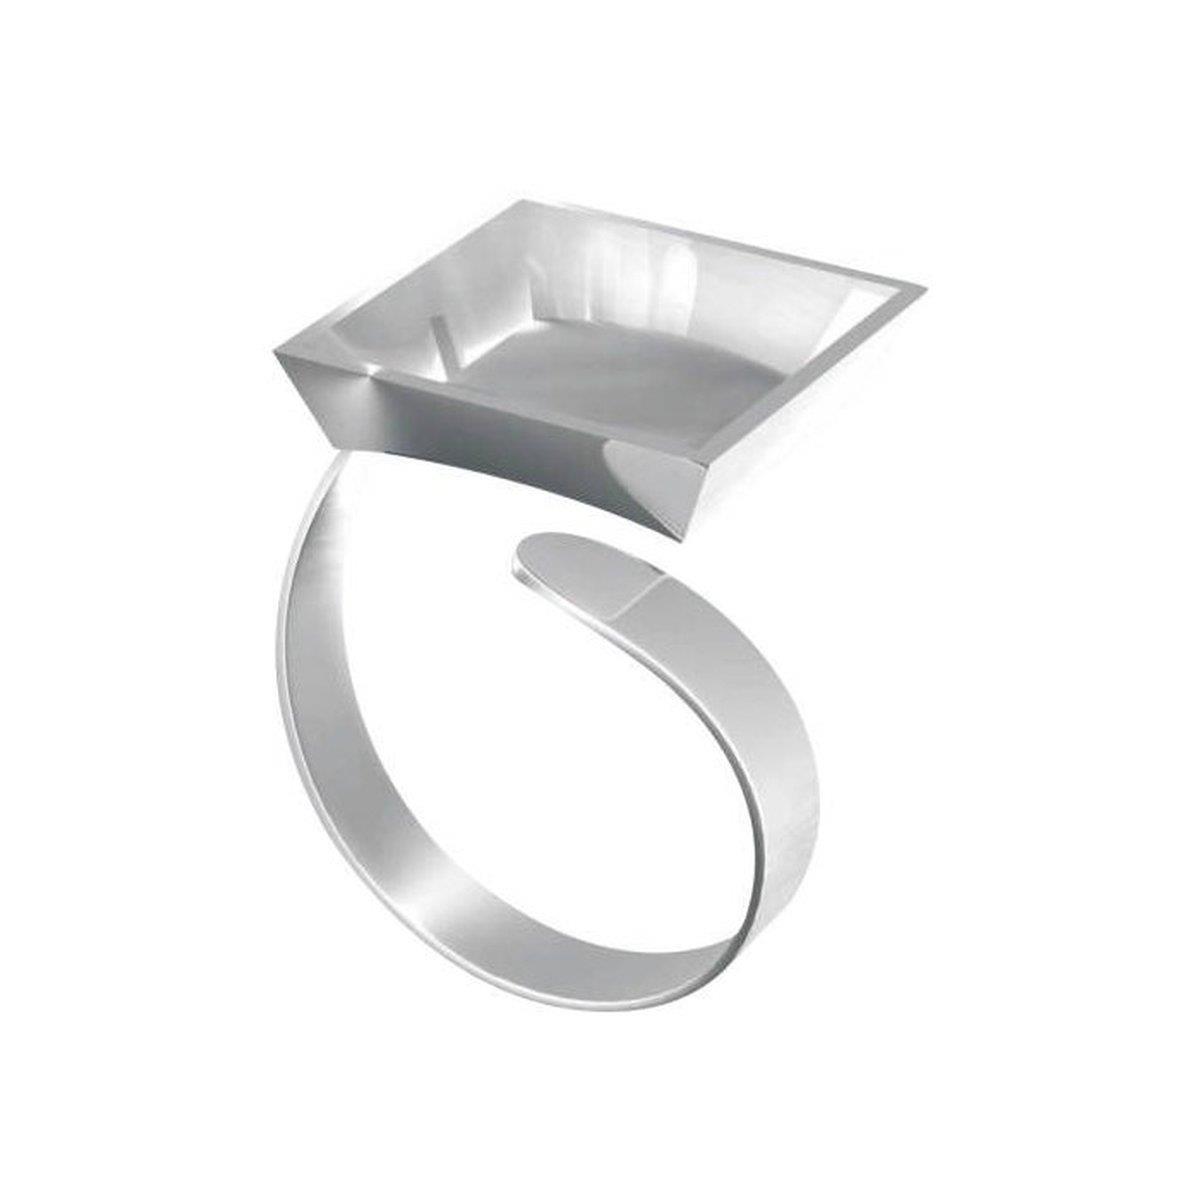 Δαχτυλίδι για κατασκευές Fimo - 1